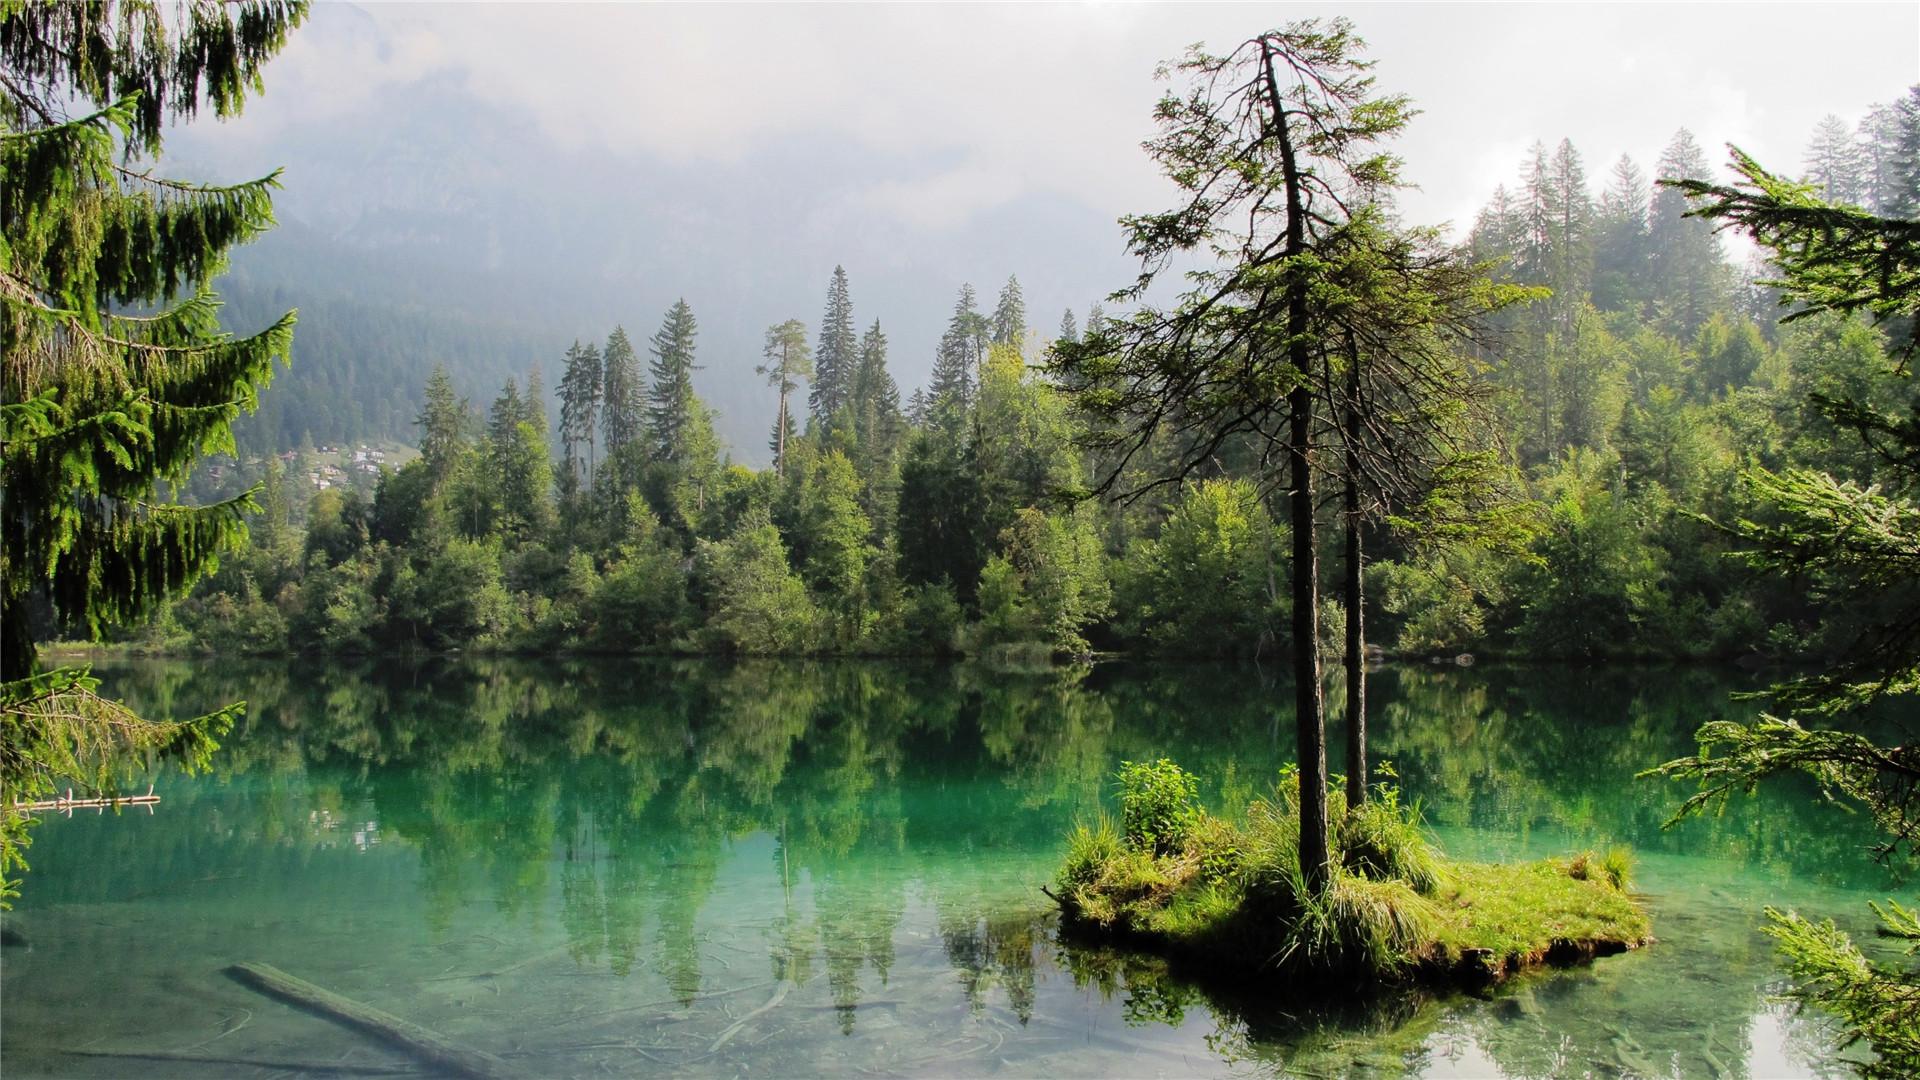 波光潋滟平静的湖泊高清手机壁纸